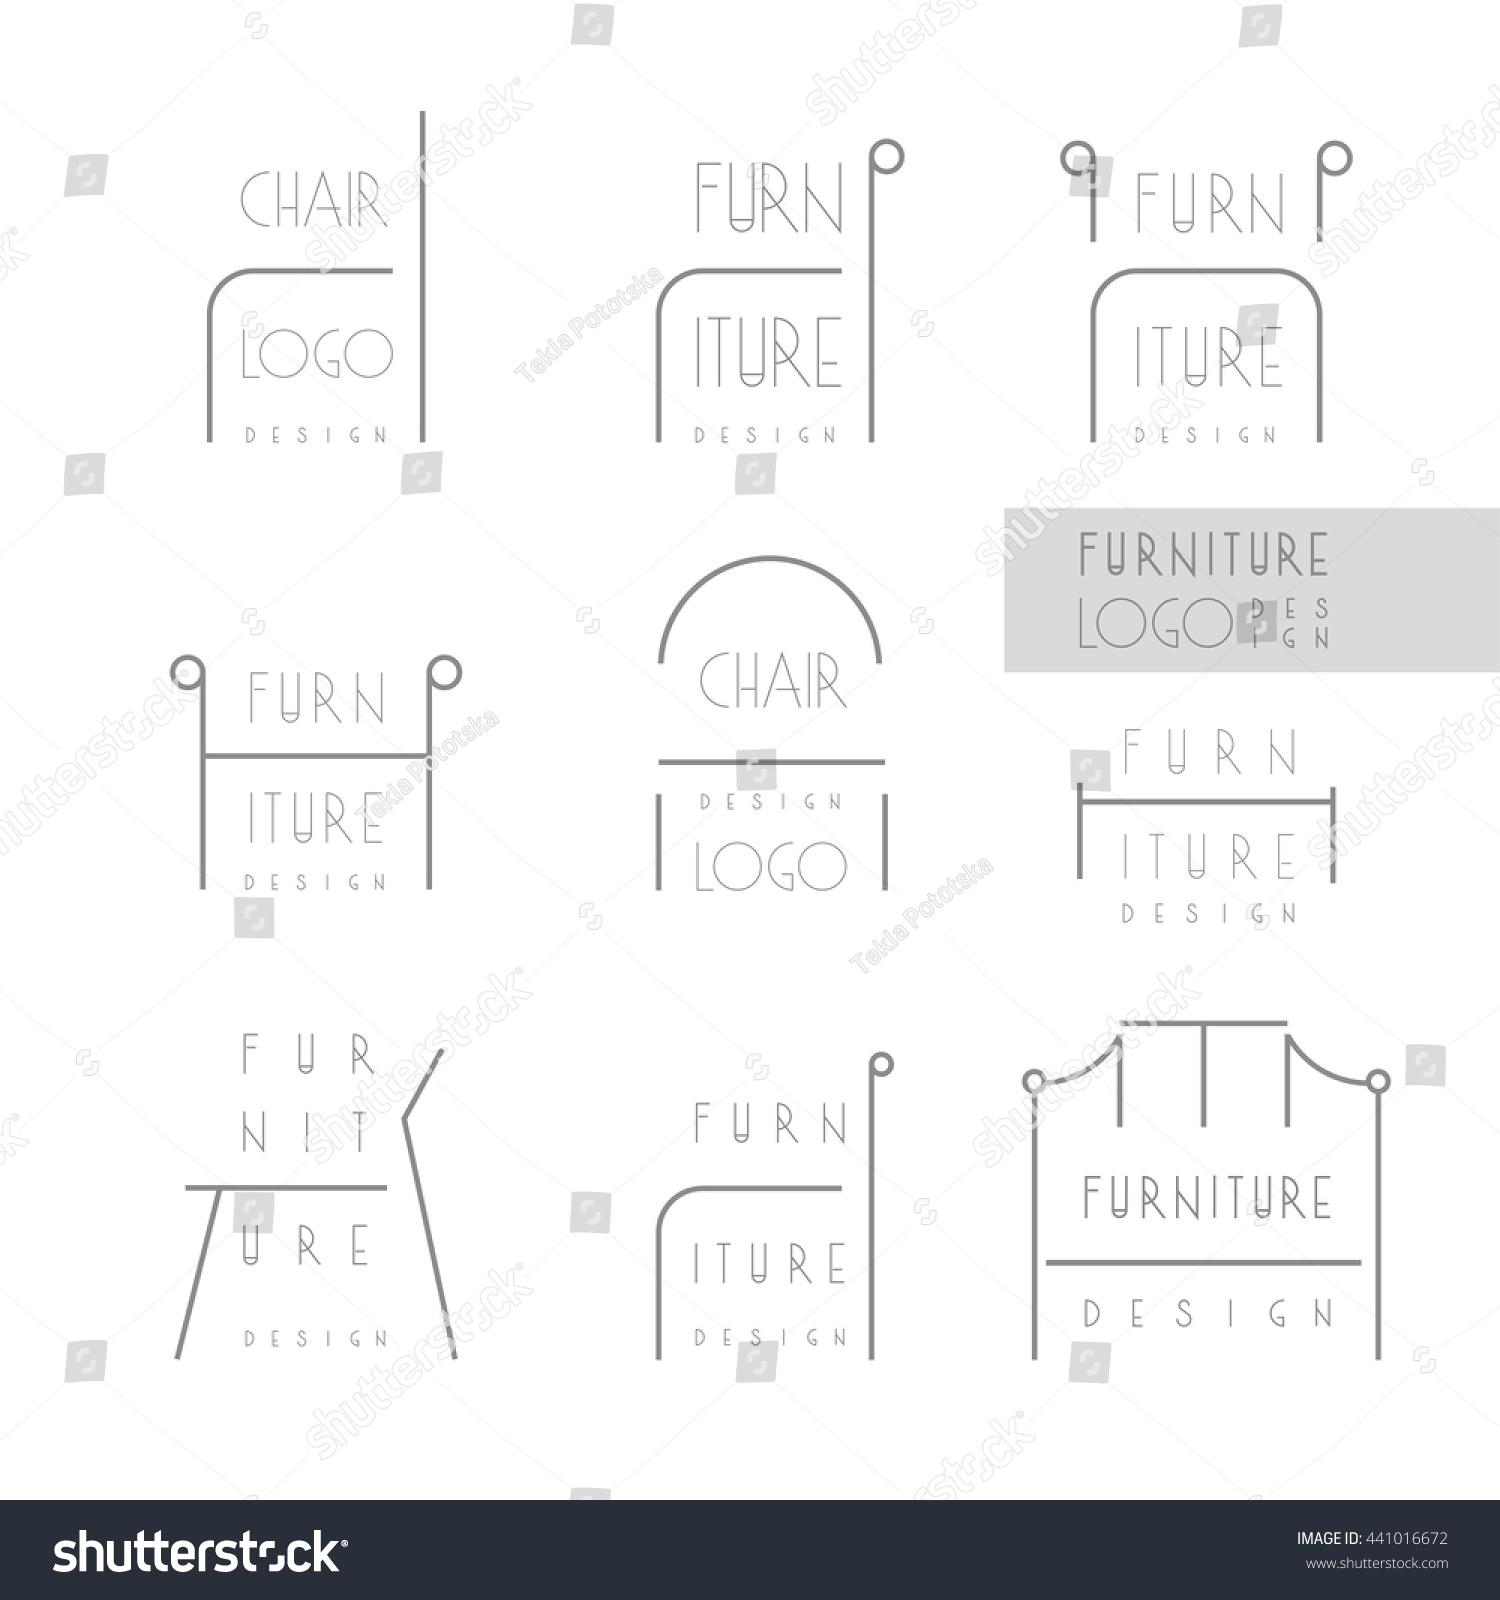 Interior Designer Brand Identity Furniture Design Stock